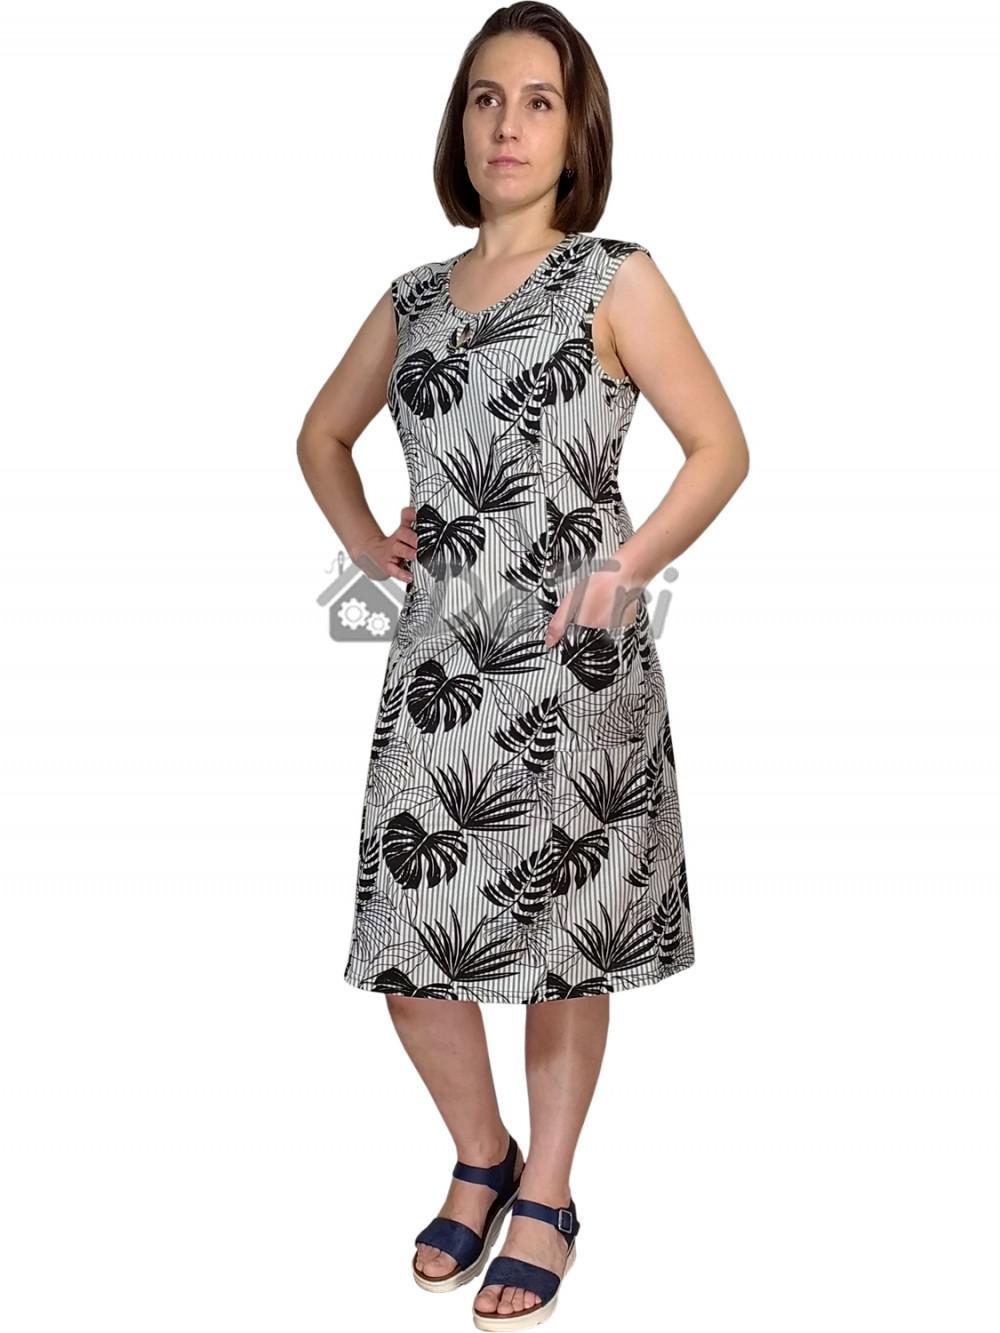 Увеличить - Сарафан «Капелька» арт 022 ветви пальмы